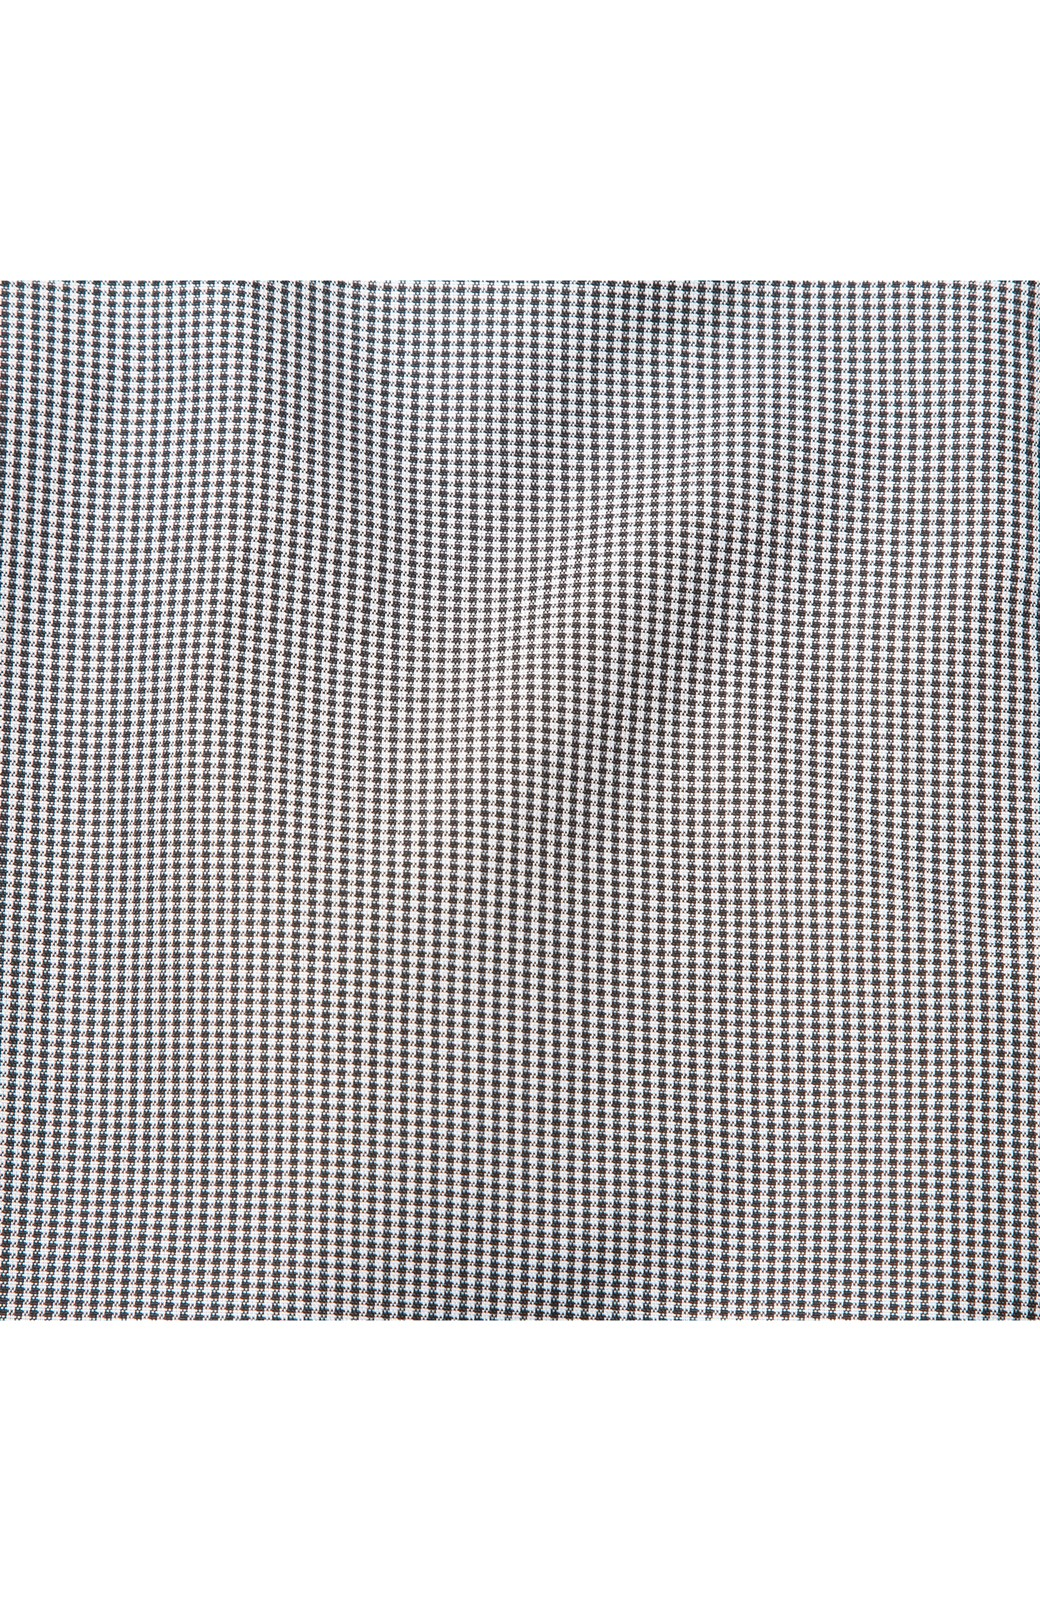 ロジーズ こっそりチェックがかわいいテーラードロングコート <ベージュ>の商品写真10